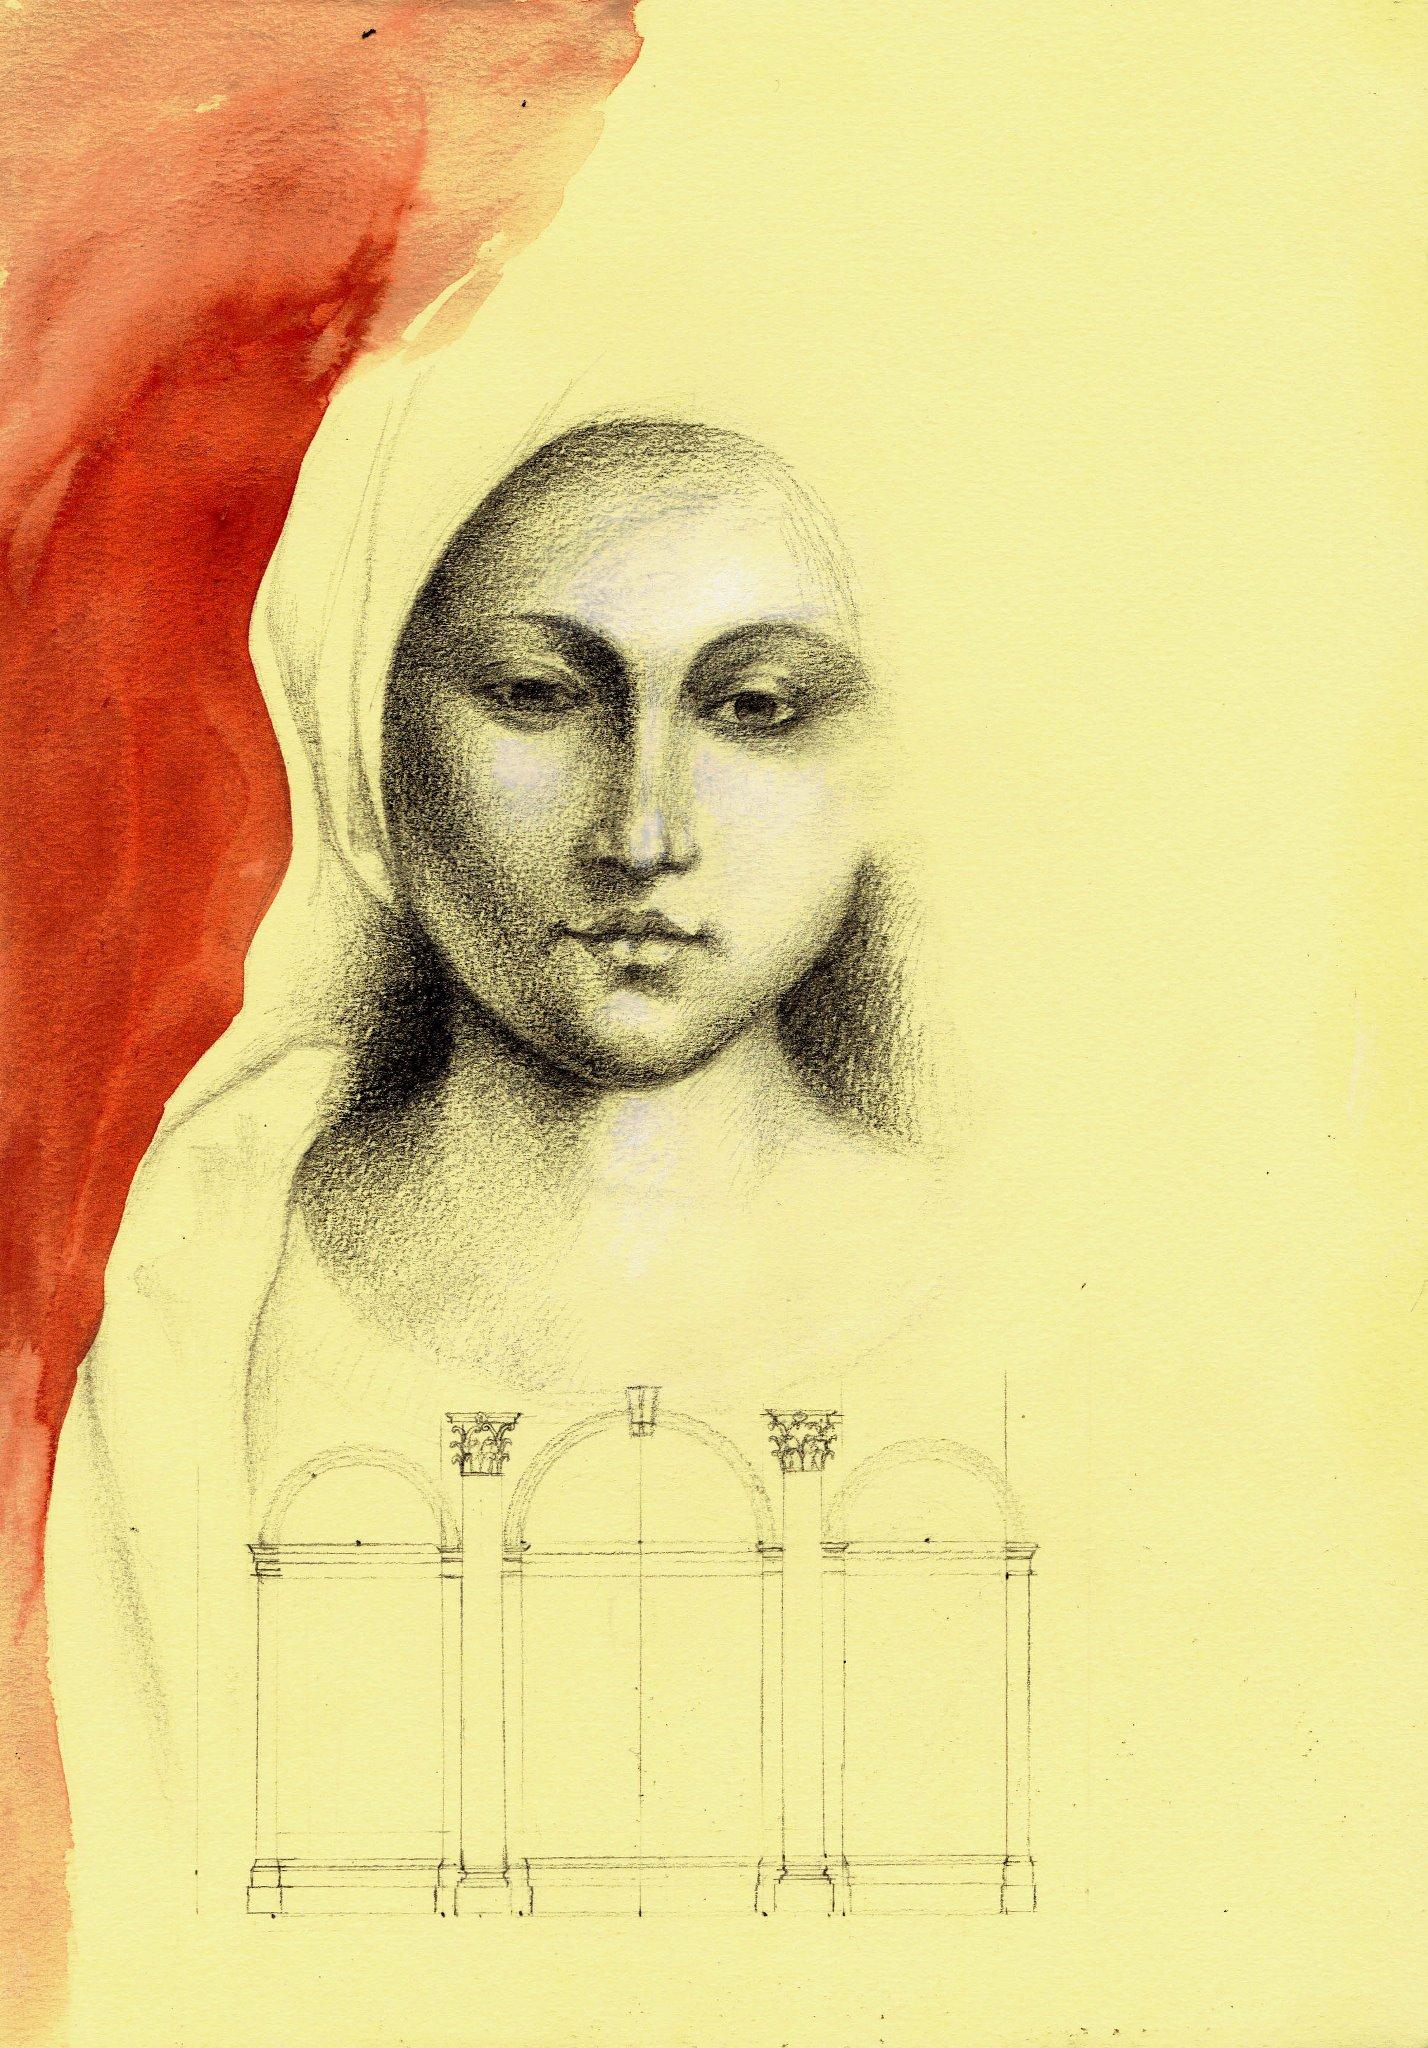 Vergine, grafite ed acrilico su carta, 21 X 29 cm